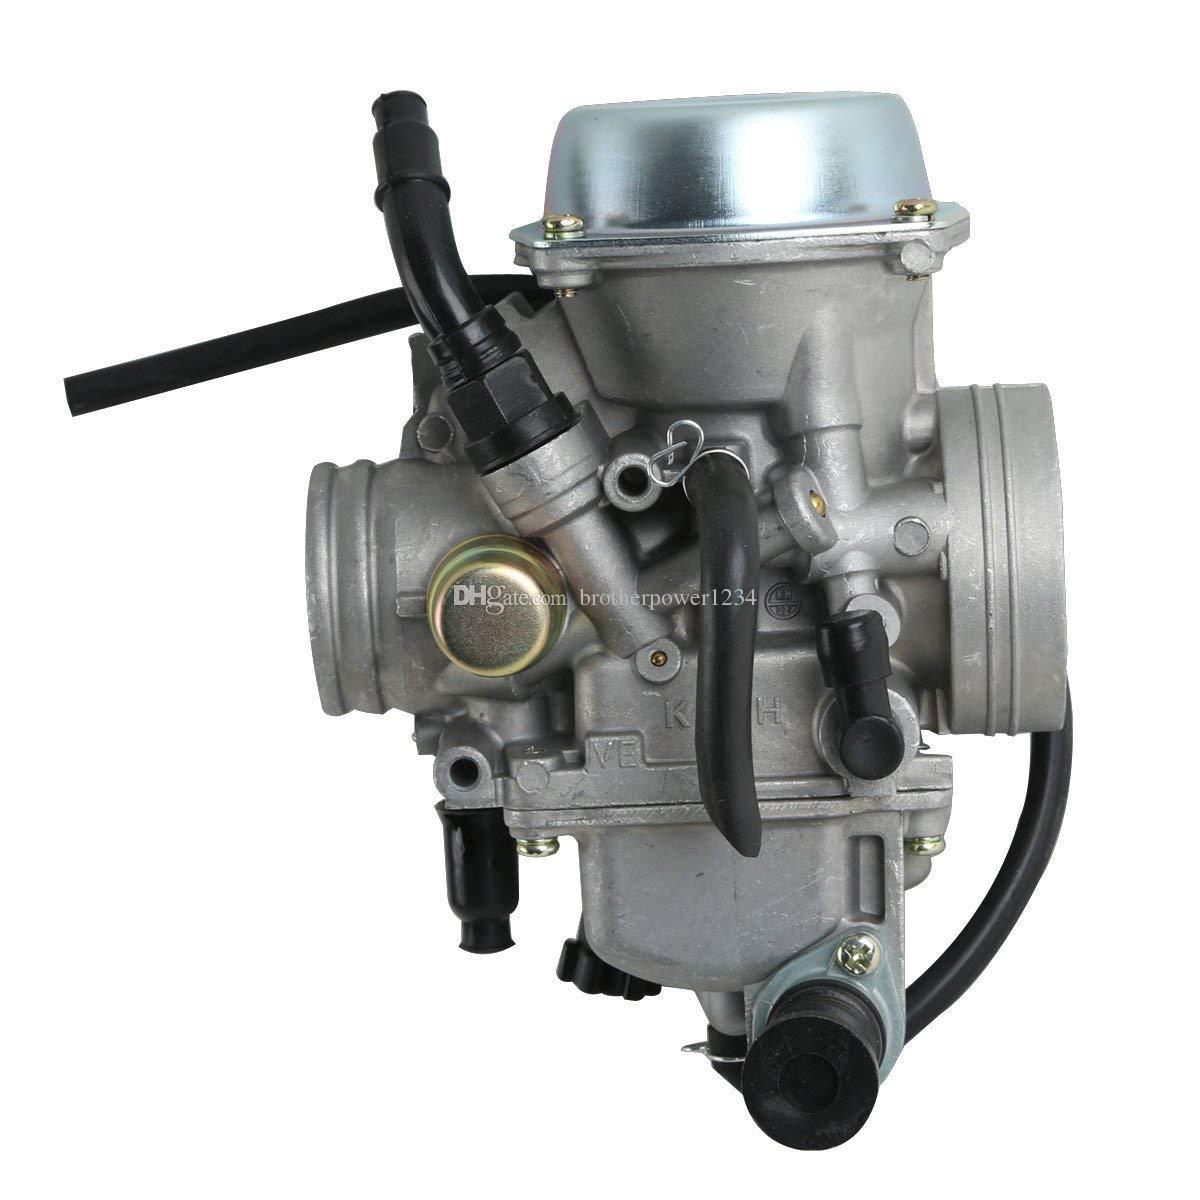 Carburetor For Honda TRX300 FOURTRAX 300 1988-2000 Carb TRX300FW 4X4 1993-2000